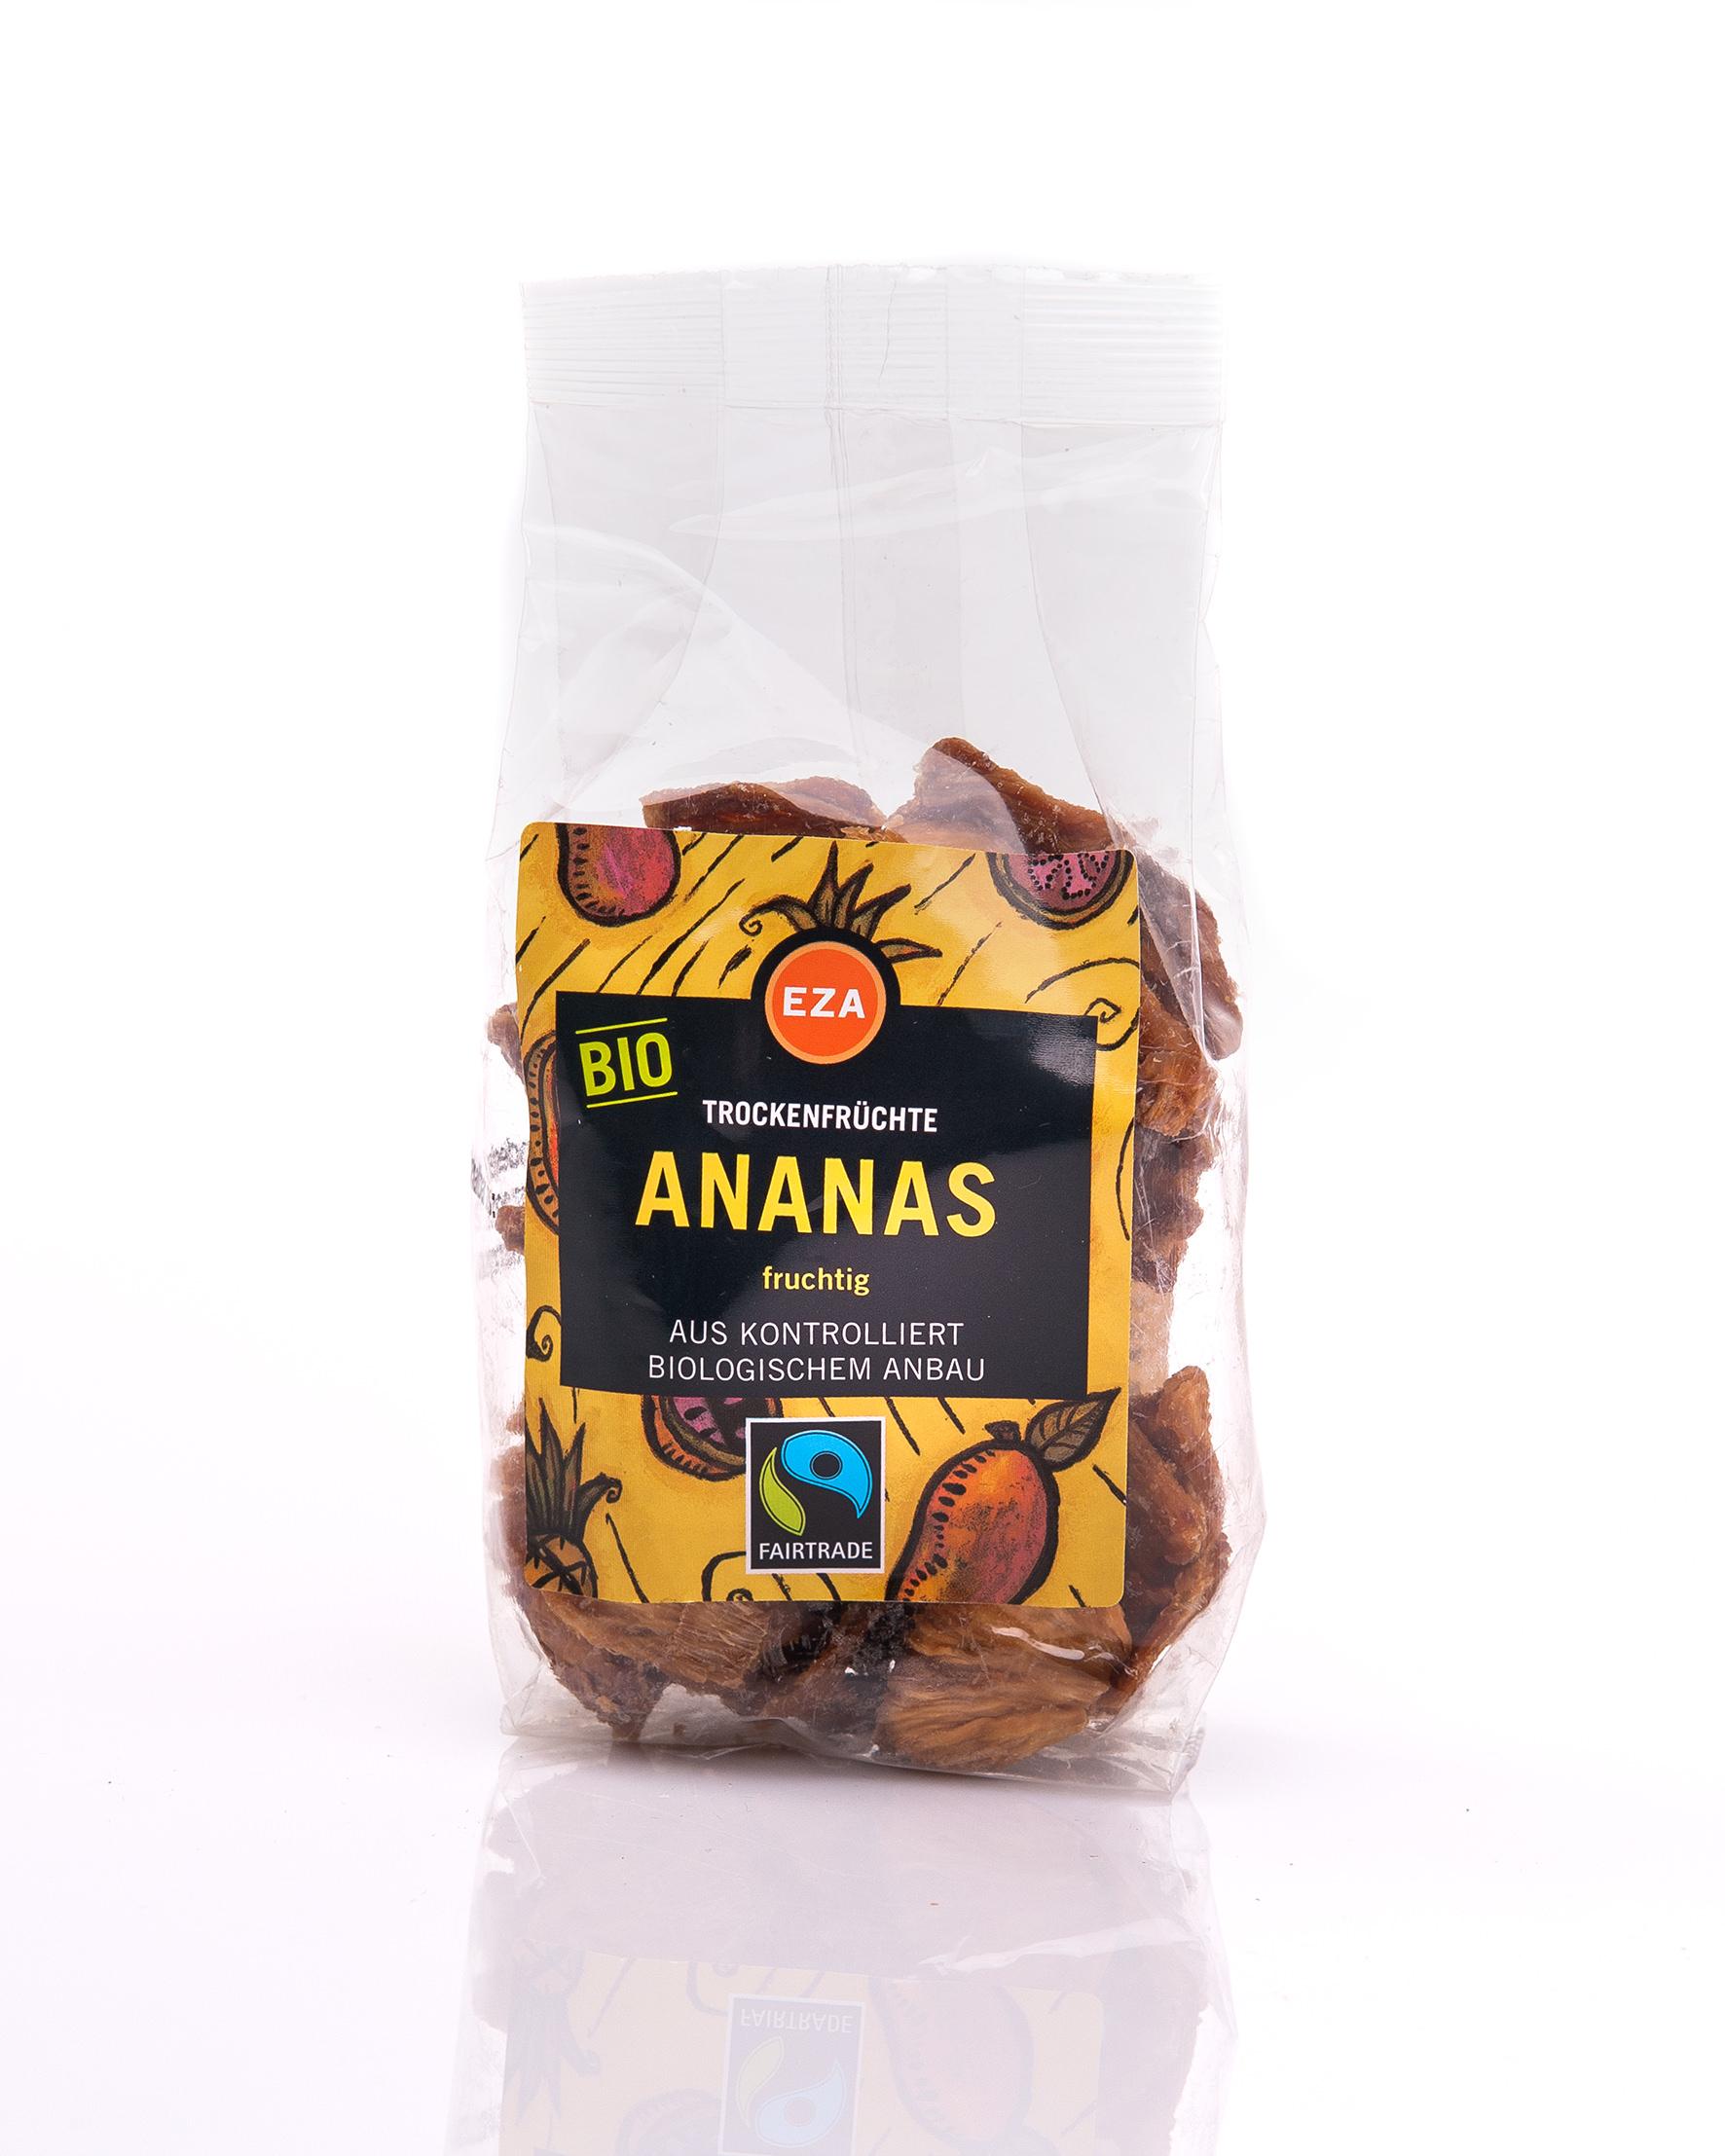 Eza Schokolade